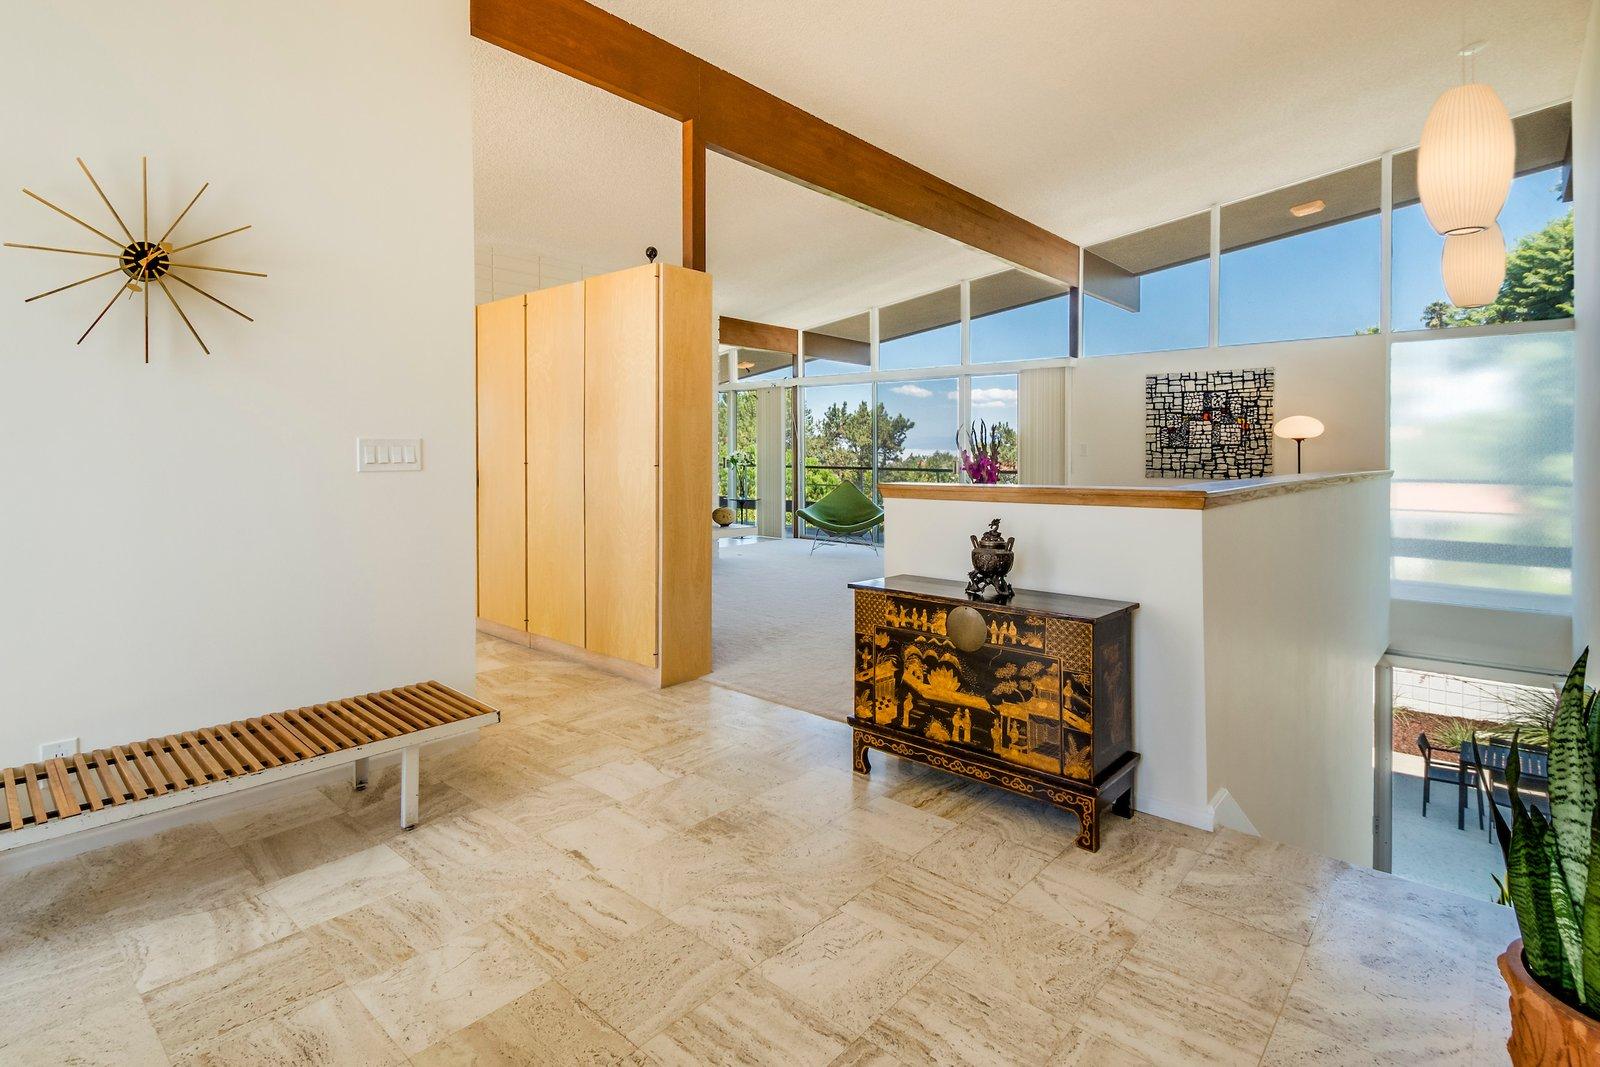 DeLeeuw Residence hallway with limestone tile floor.